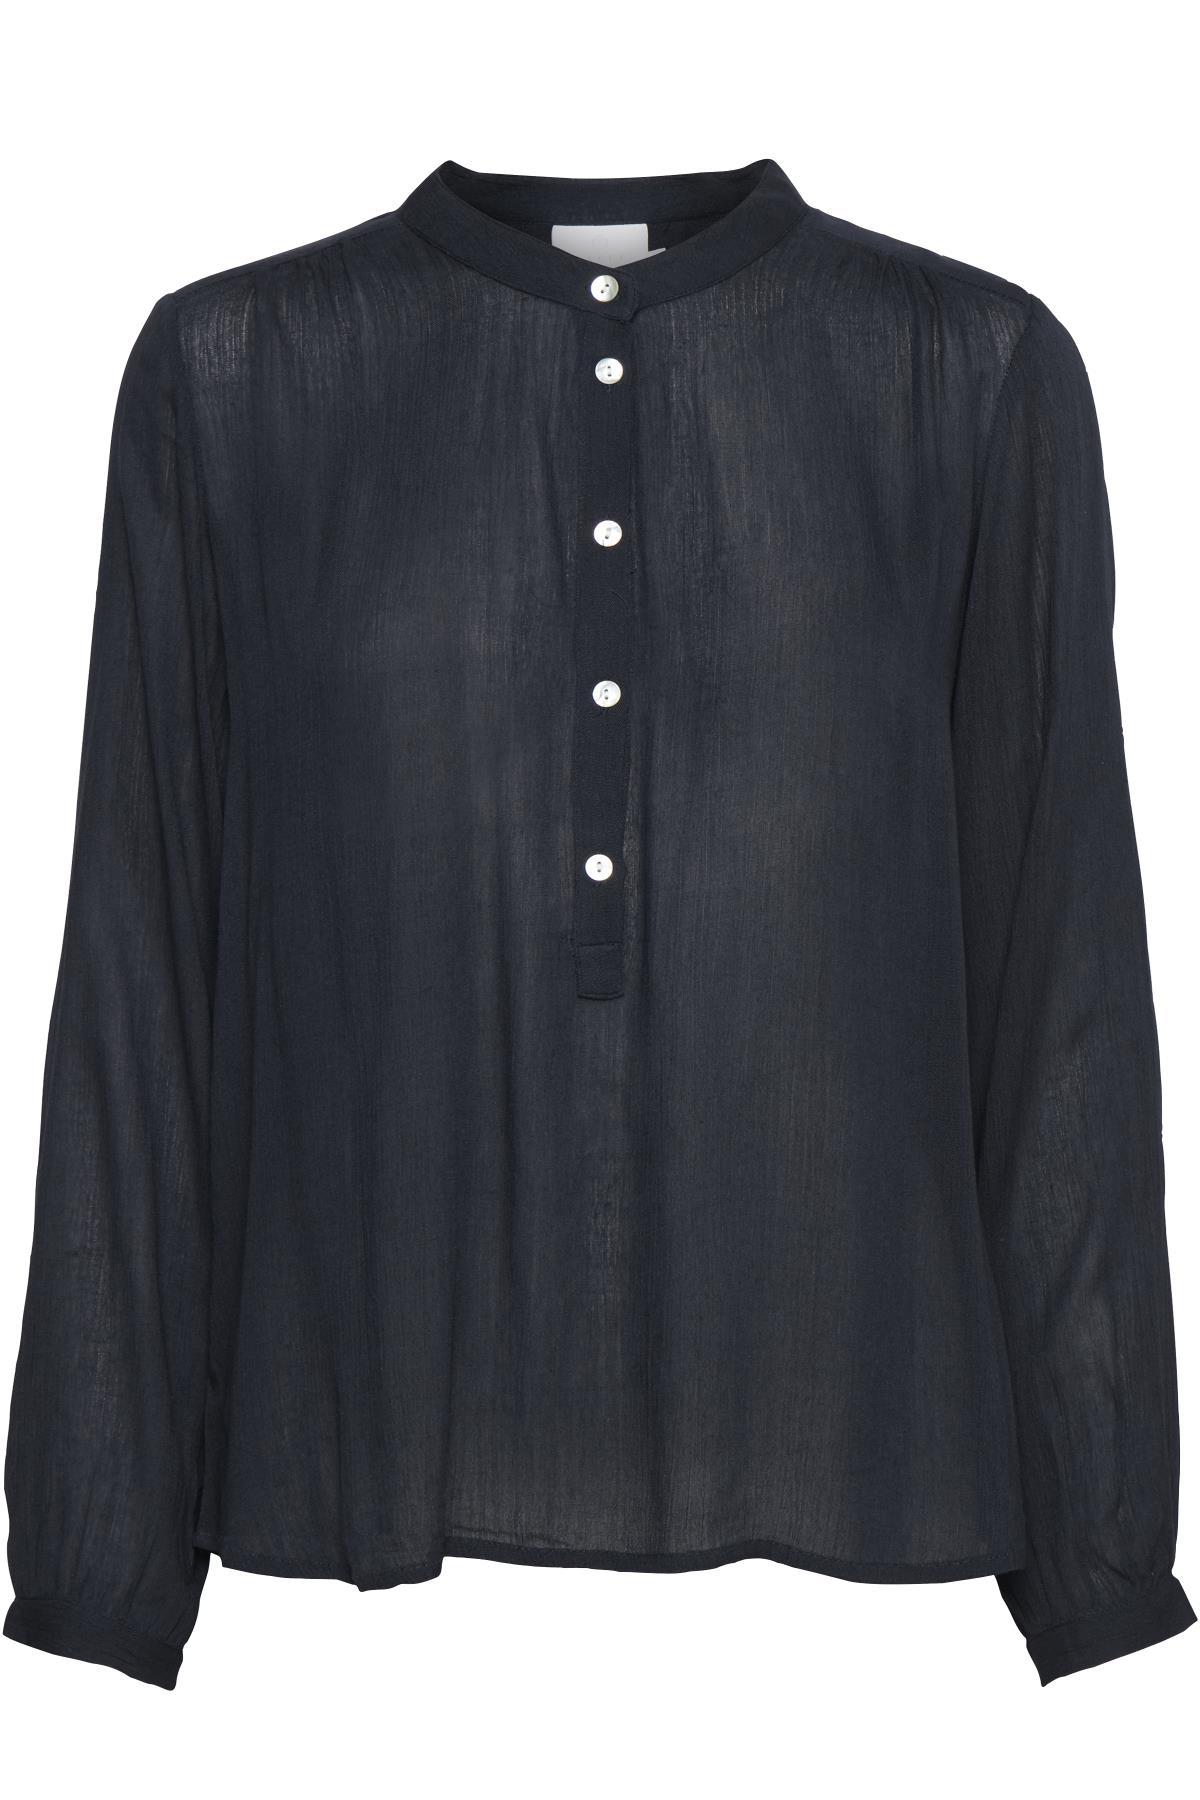 Marineblau Langarm-Bluse von Kaffe – Shoppen Sie Marineblau Langarm-Bluse ab Gr. 34-46 hier